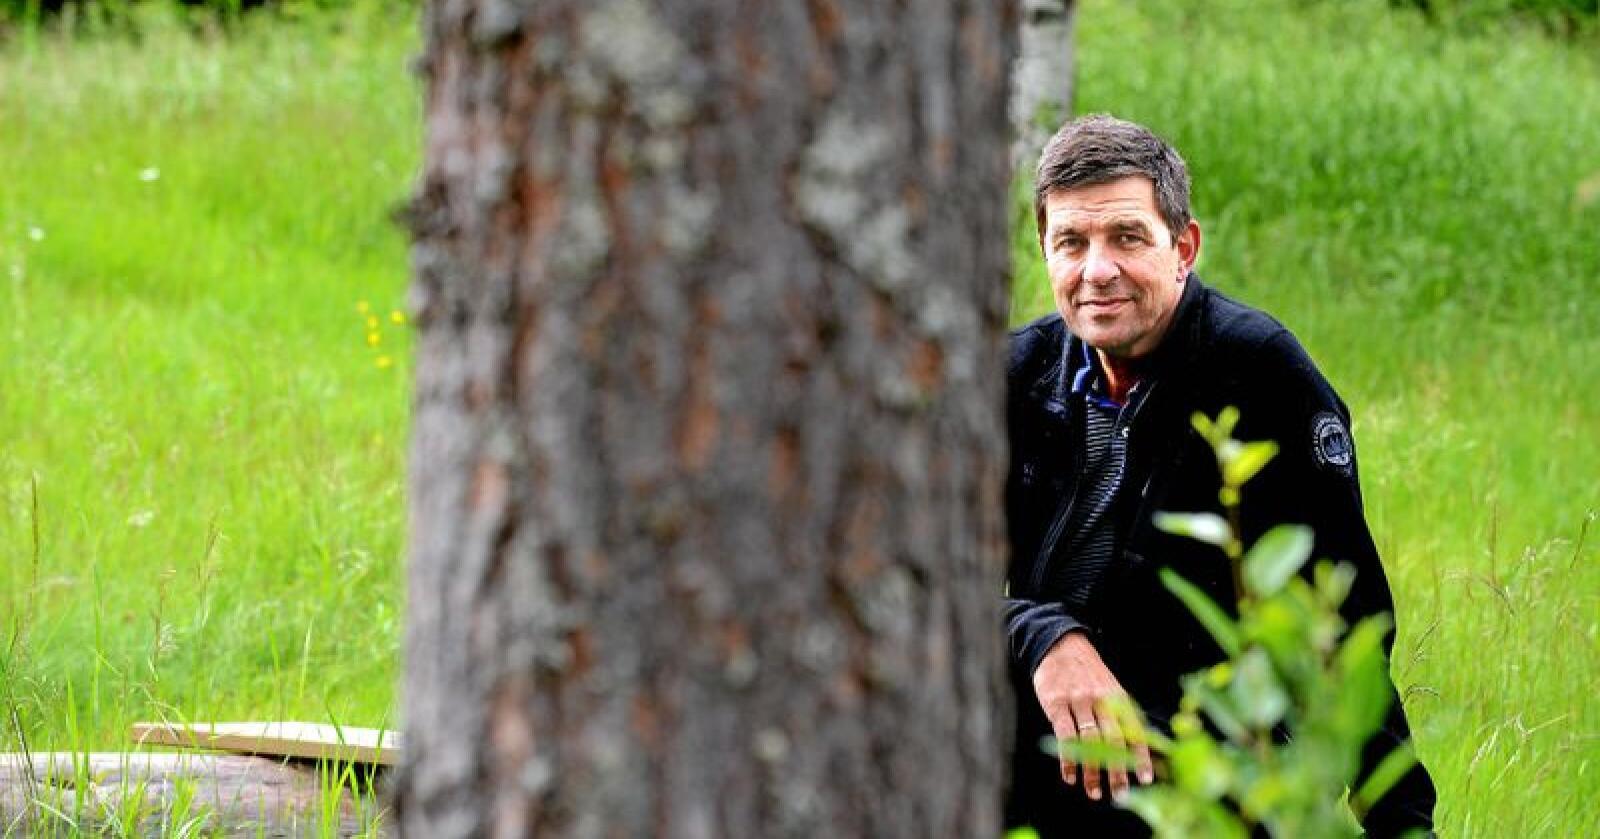 Gunnar Gundersen er næringspolitisk sjef i Glommen Skog og profilert kritiker av rovdyrpolitikken. Foto: Siri Juell Rasmussen